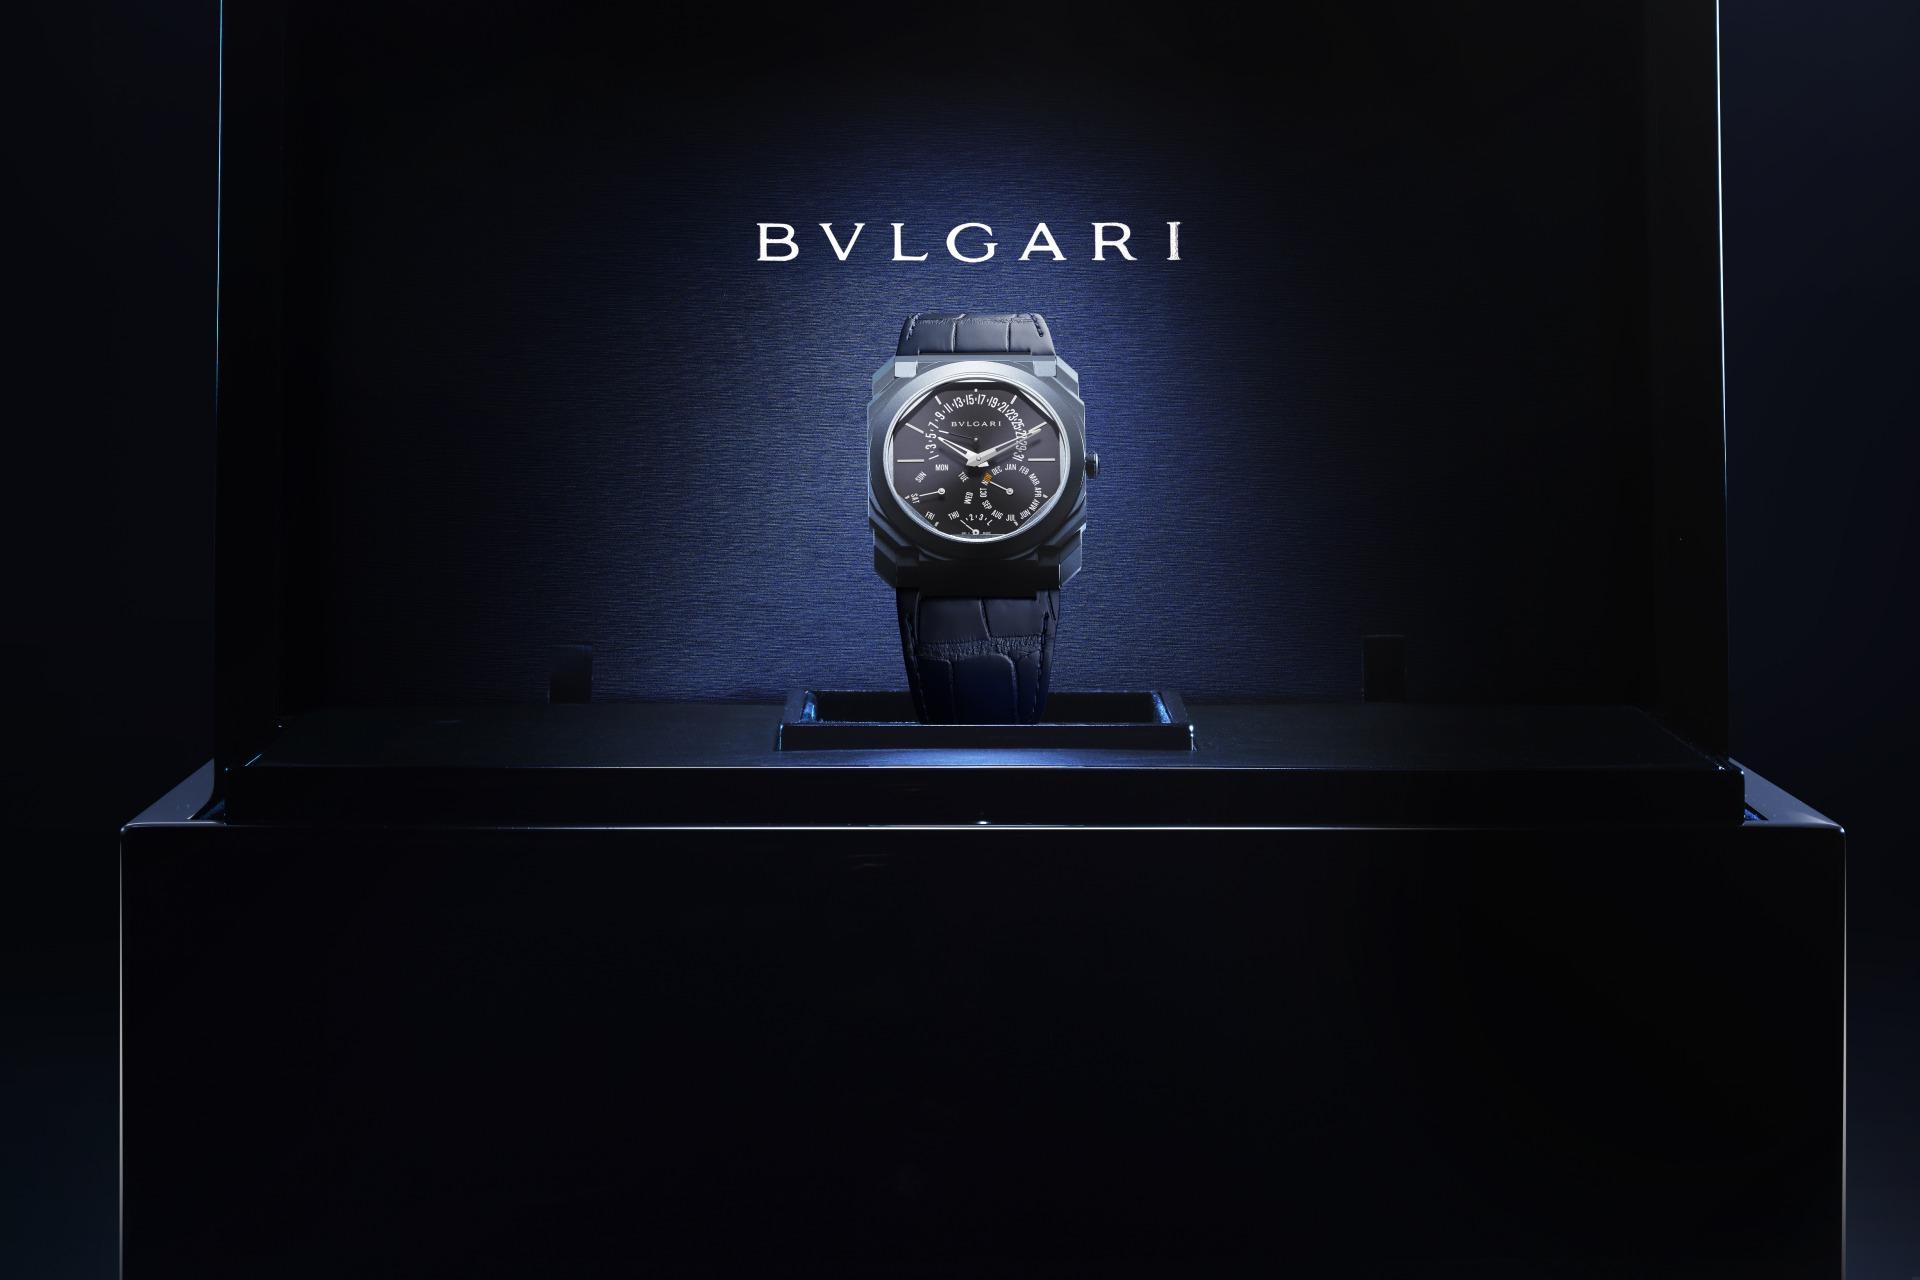 第一次就是唯一:寶格麗Octo Finissimo超薄萬年曆腕錶ONLY WATCH 鉭金屬版